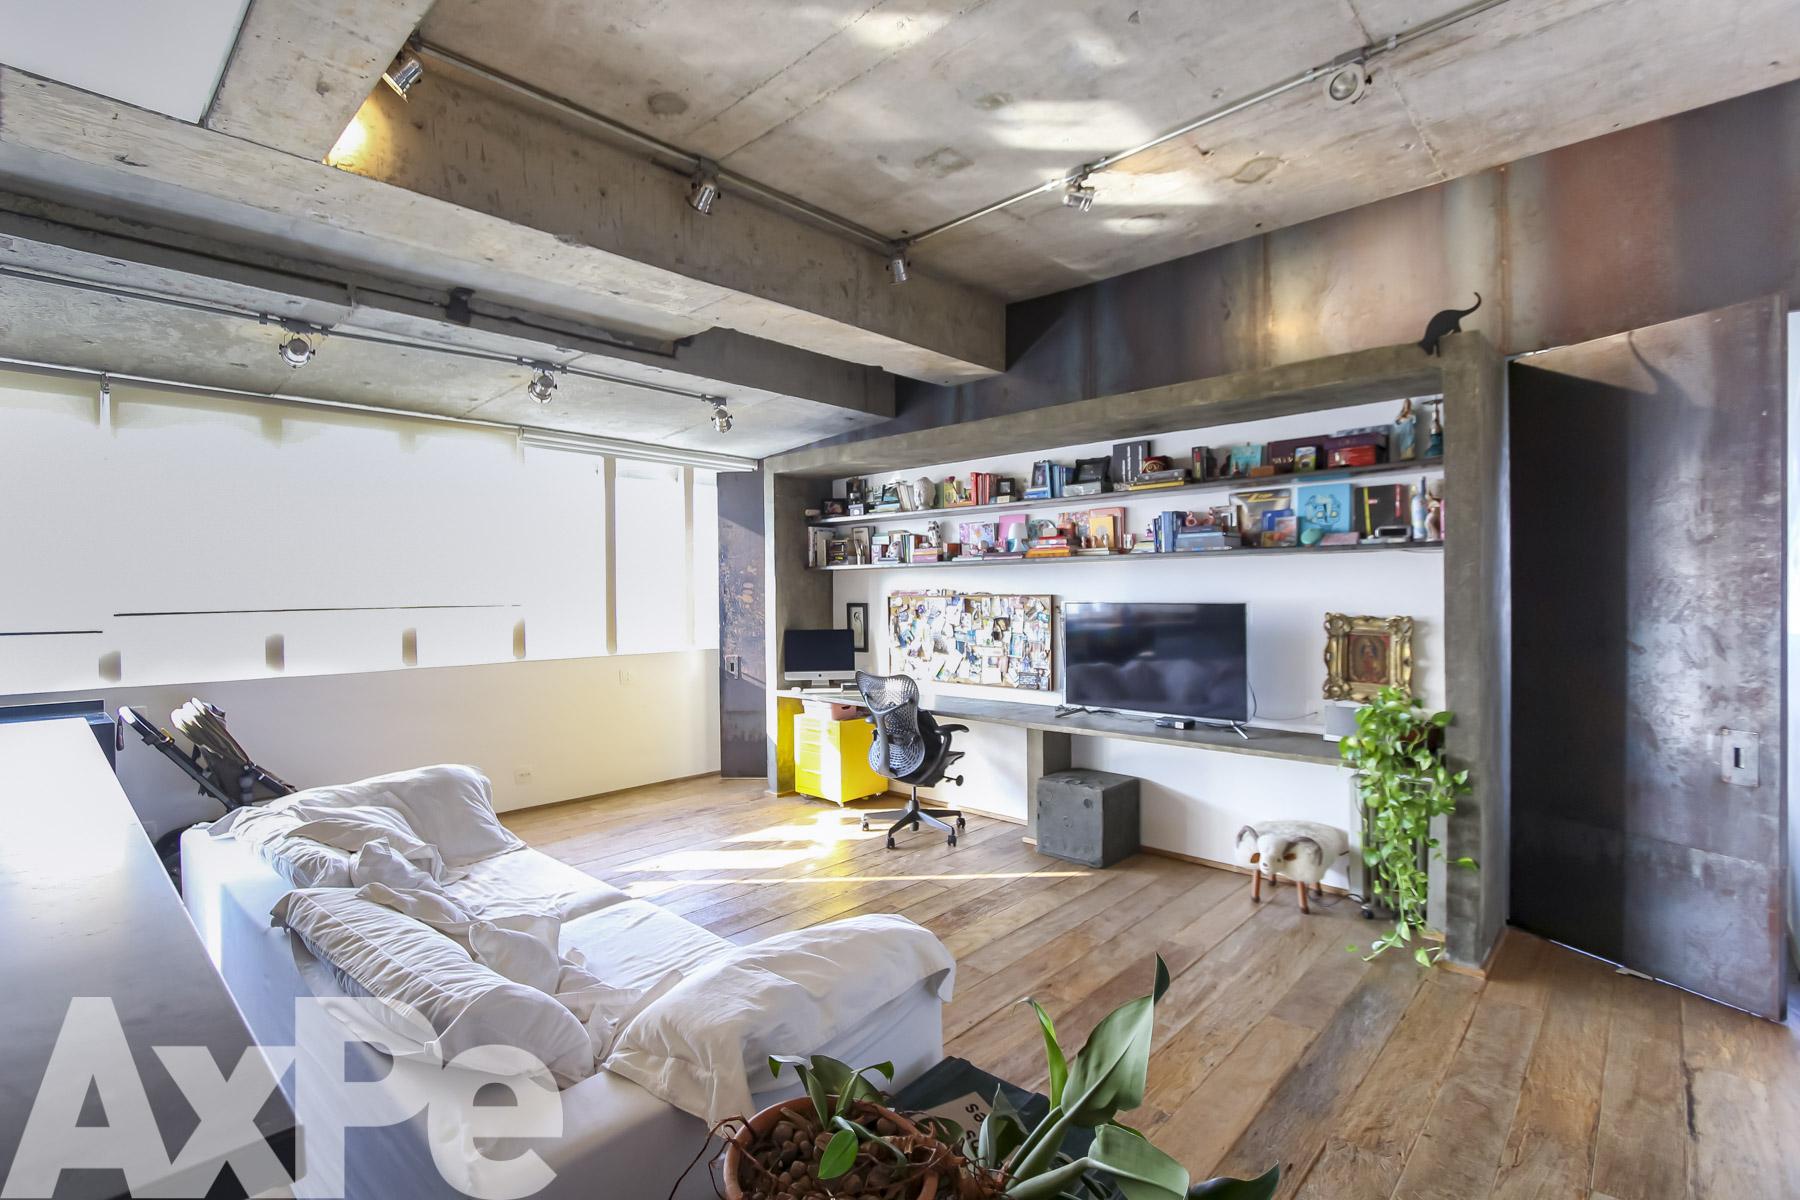 Axpe Apartamento - AX128997